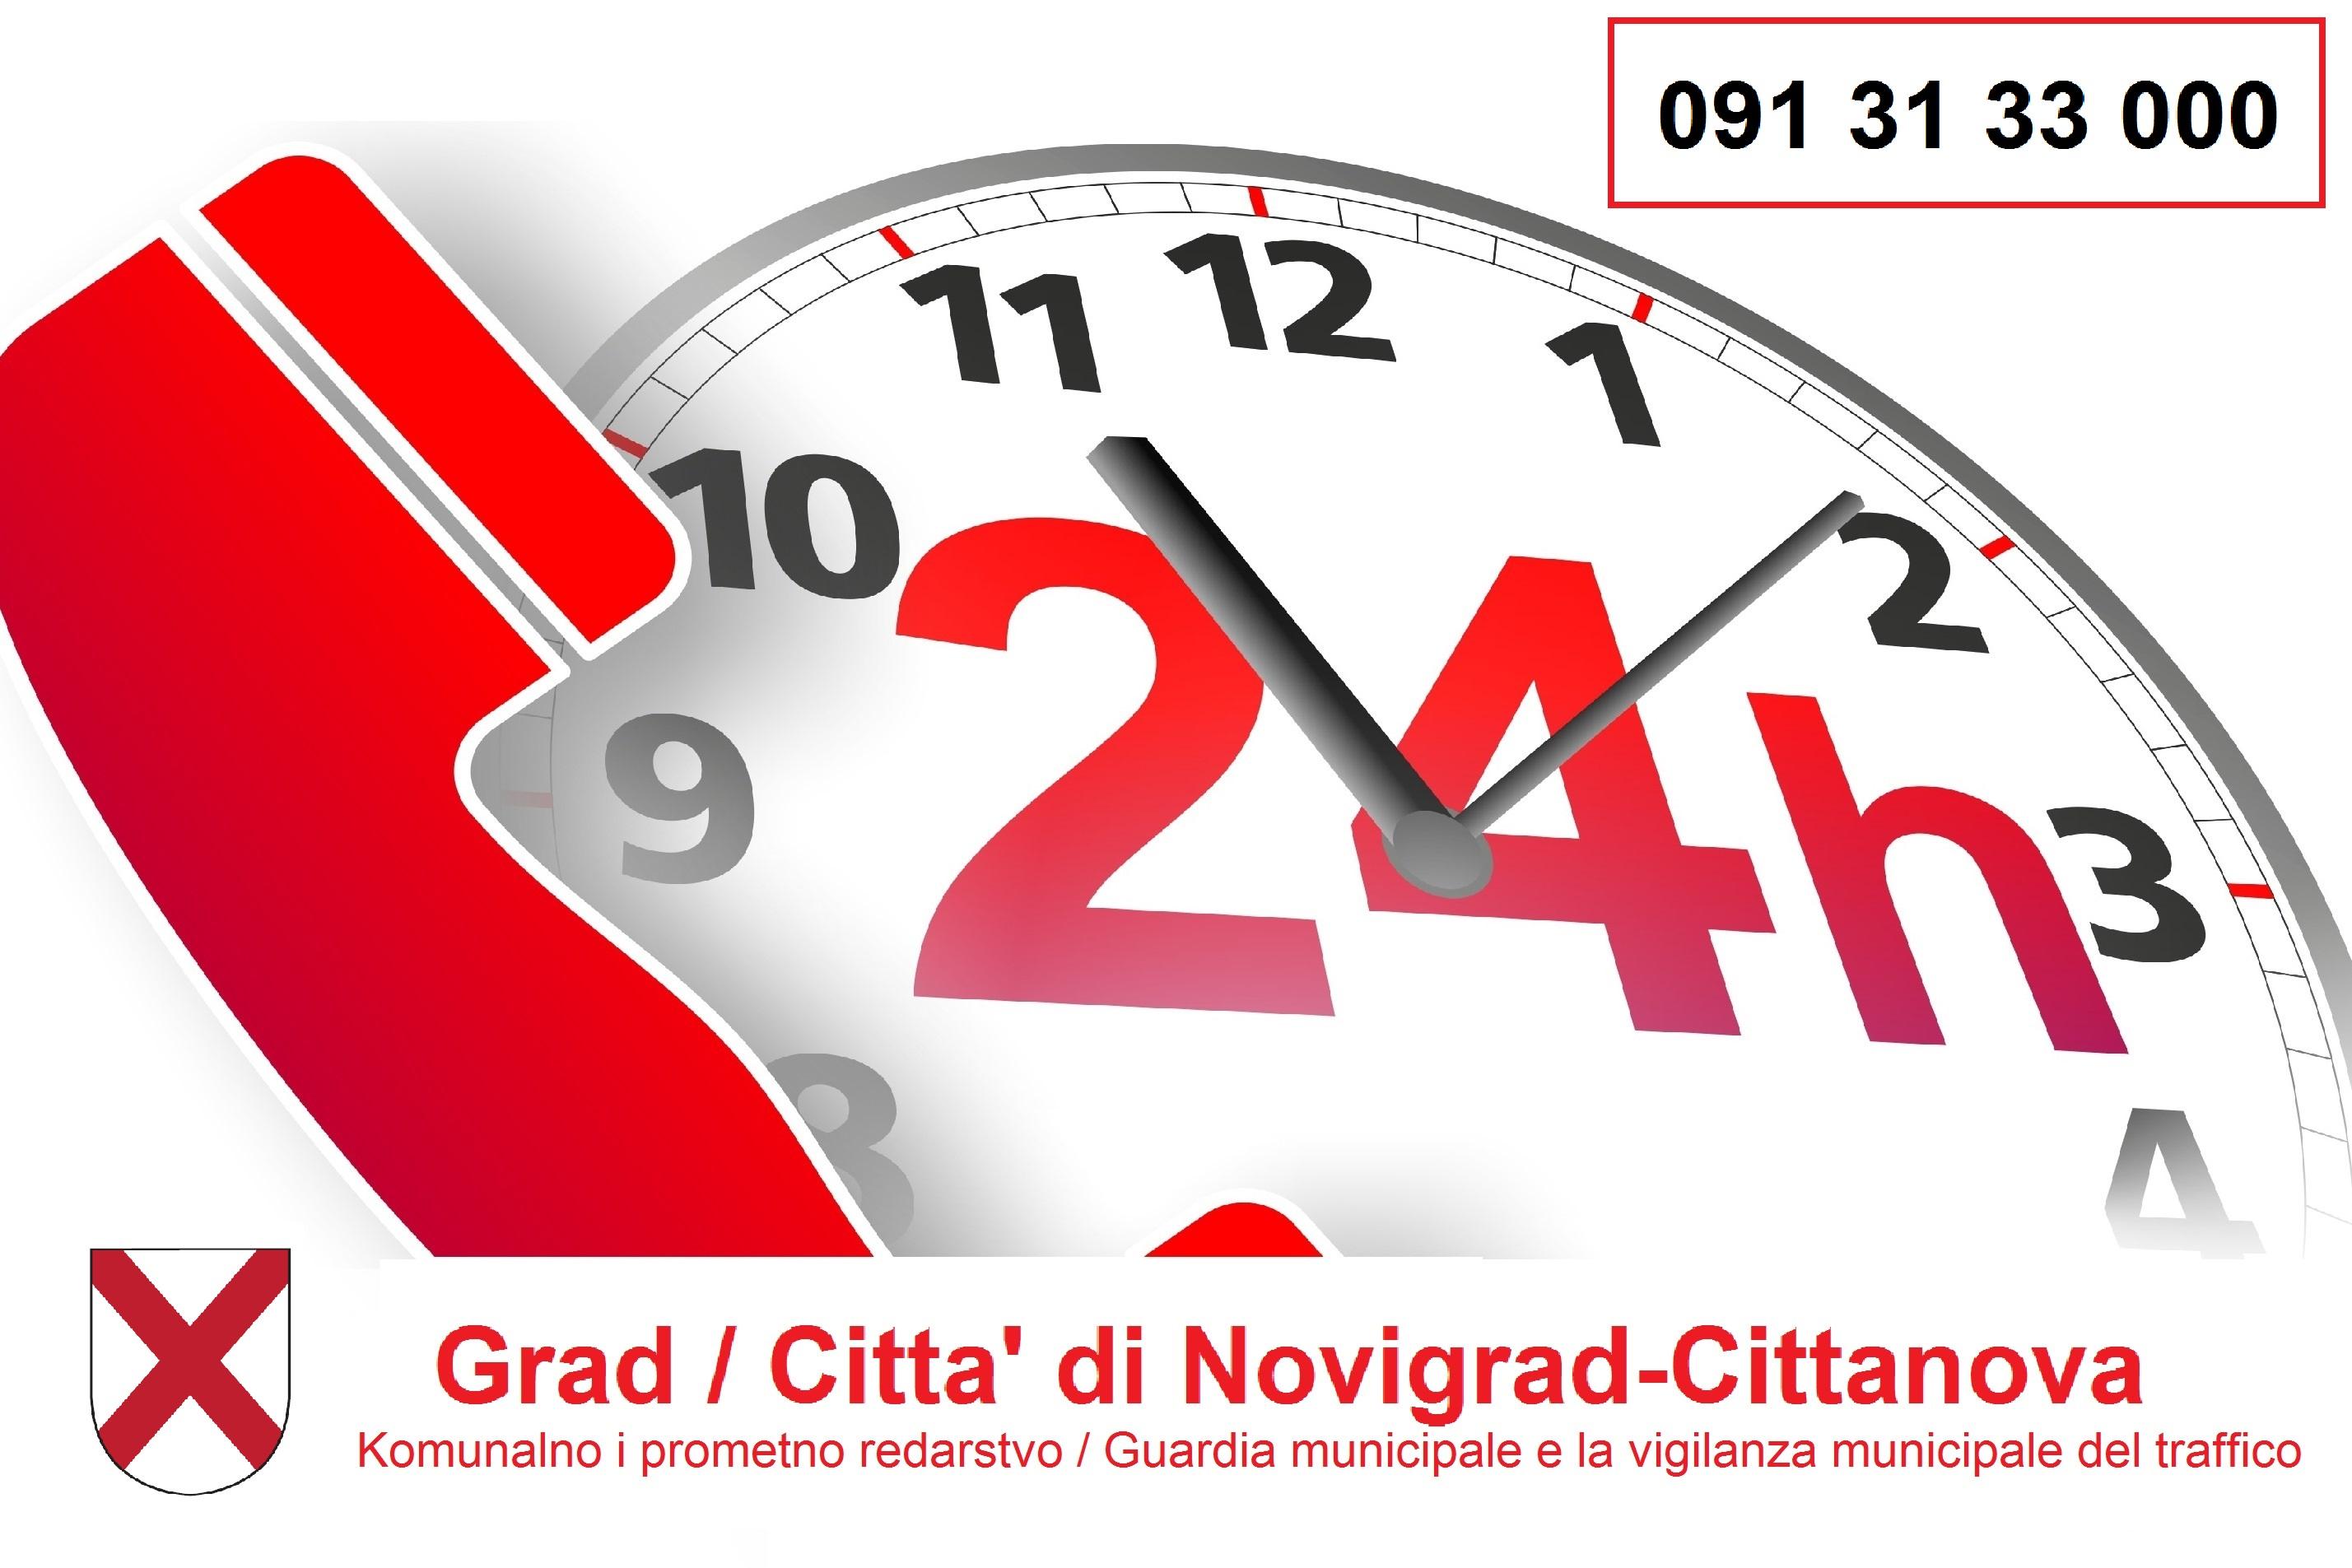 http://www.novigrad.hr/24_satno_dezhurstvo_za_problematiku_u_ingerenciji_komunalnog_i_prometnog_re